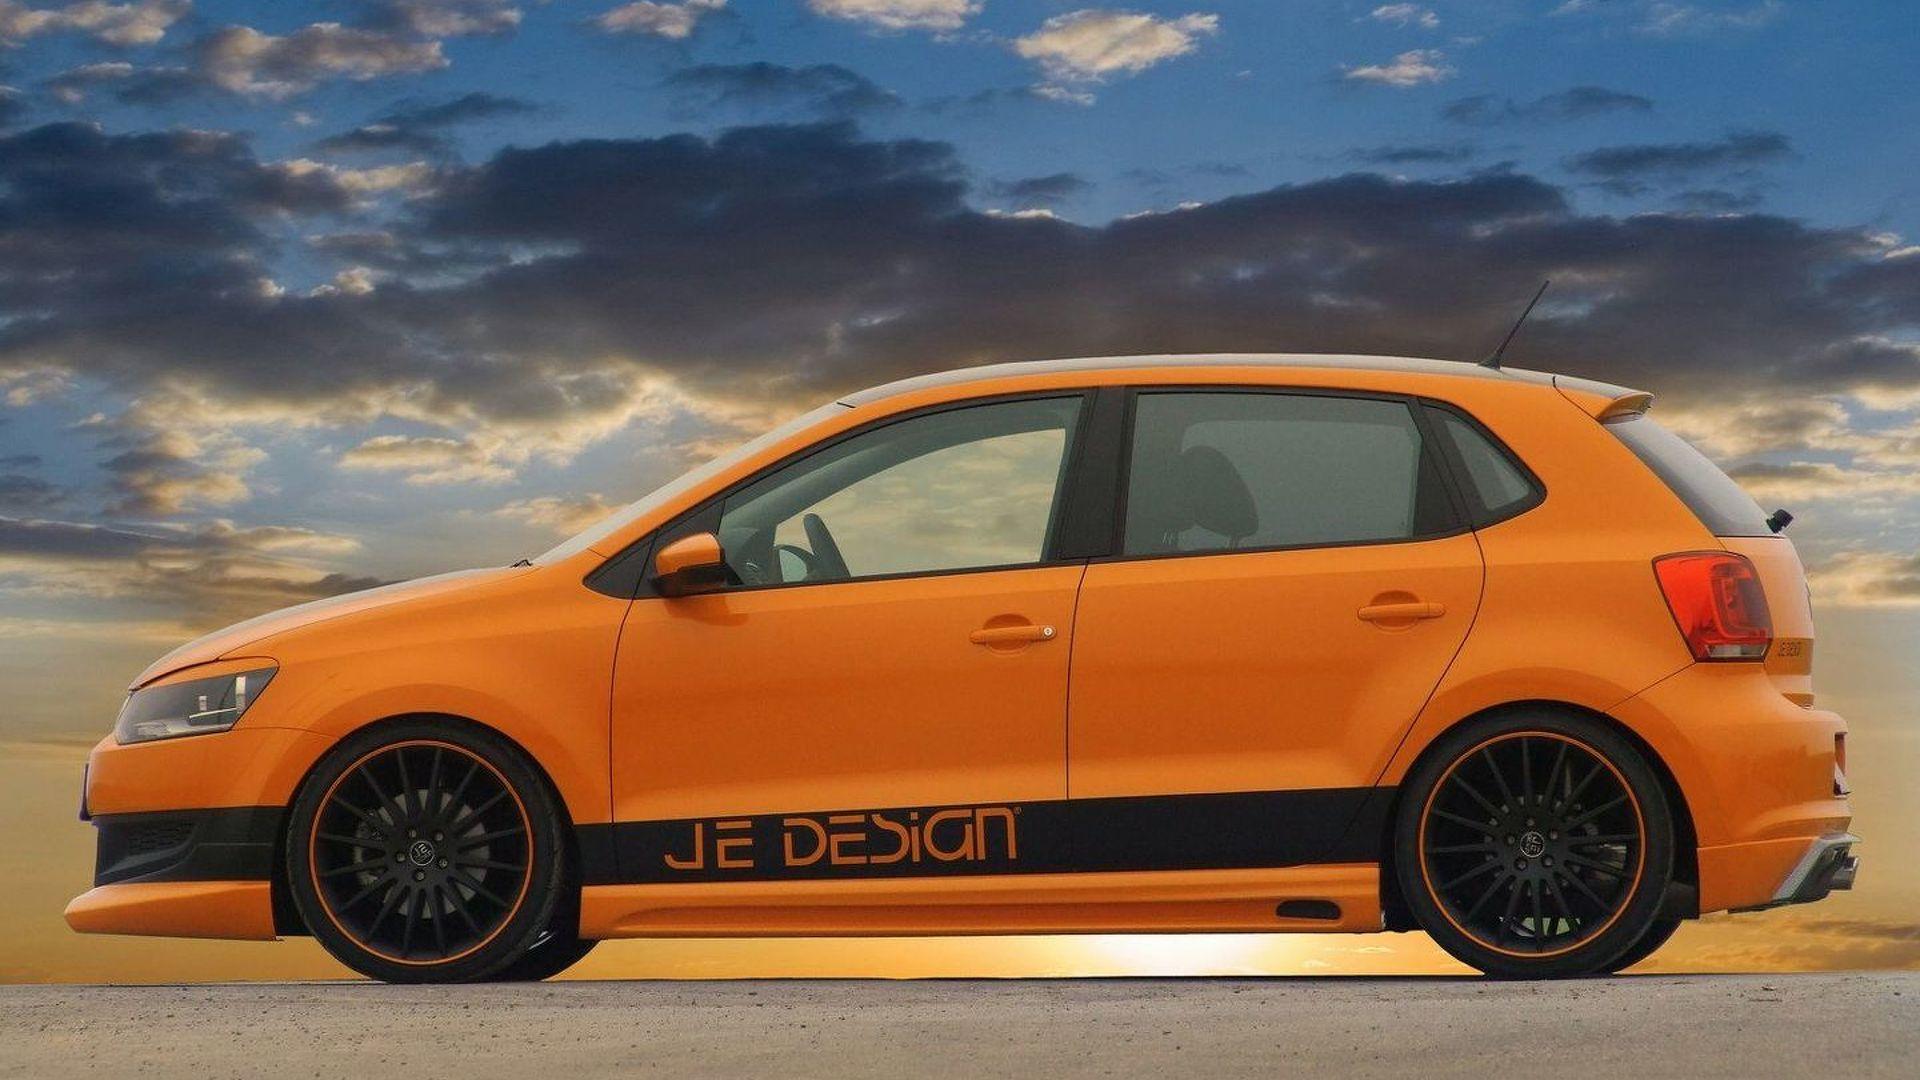 JE Design Styling Kit for VW Polo V Announced